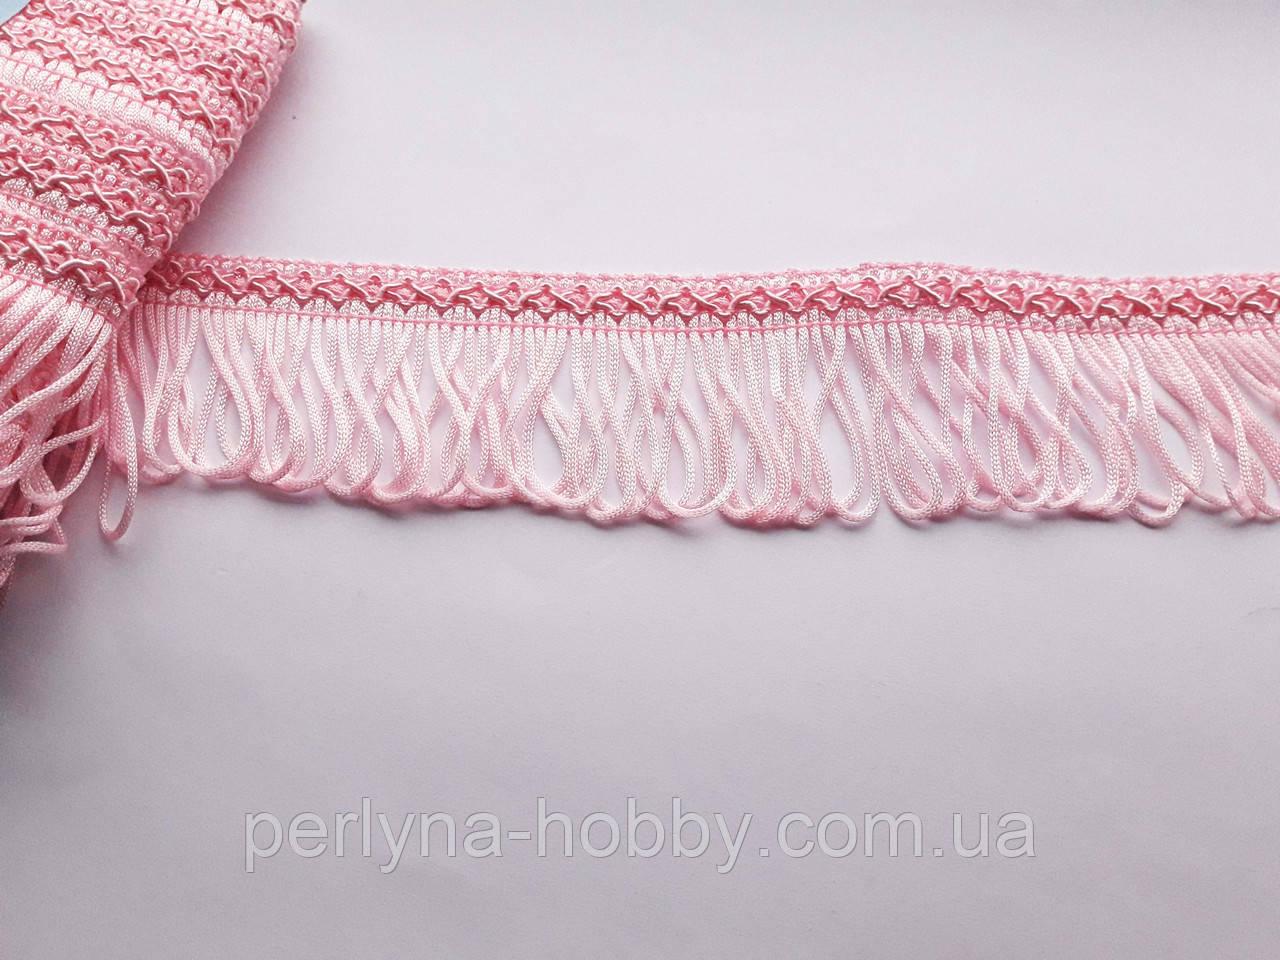 Бахрома декоративна шовкова, рожева сітла 5см. БД 0102